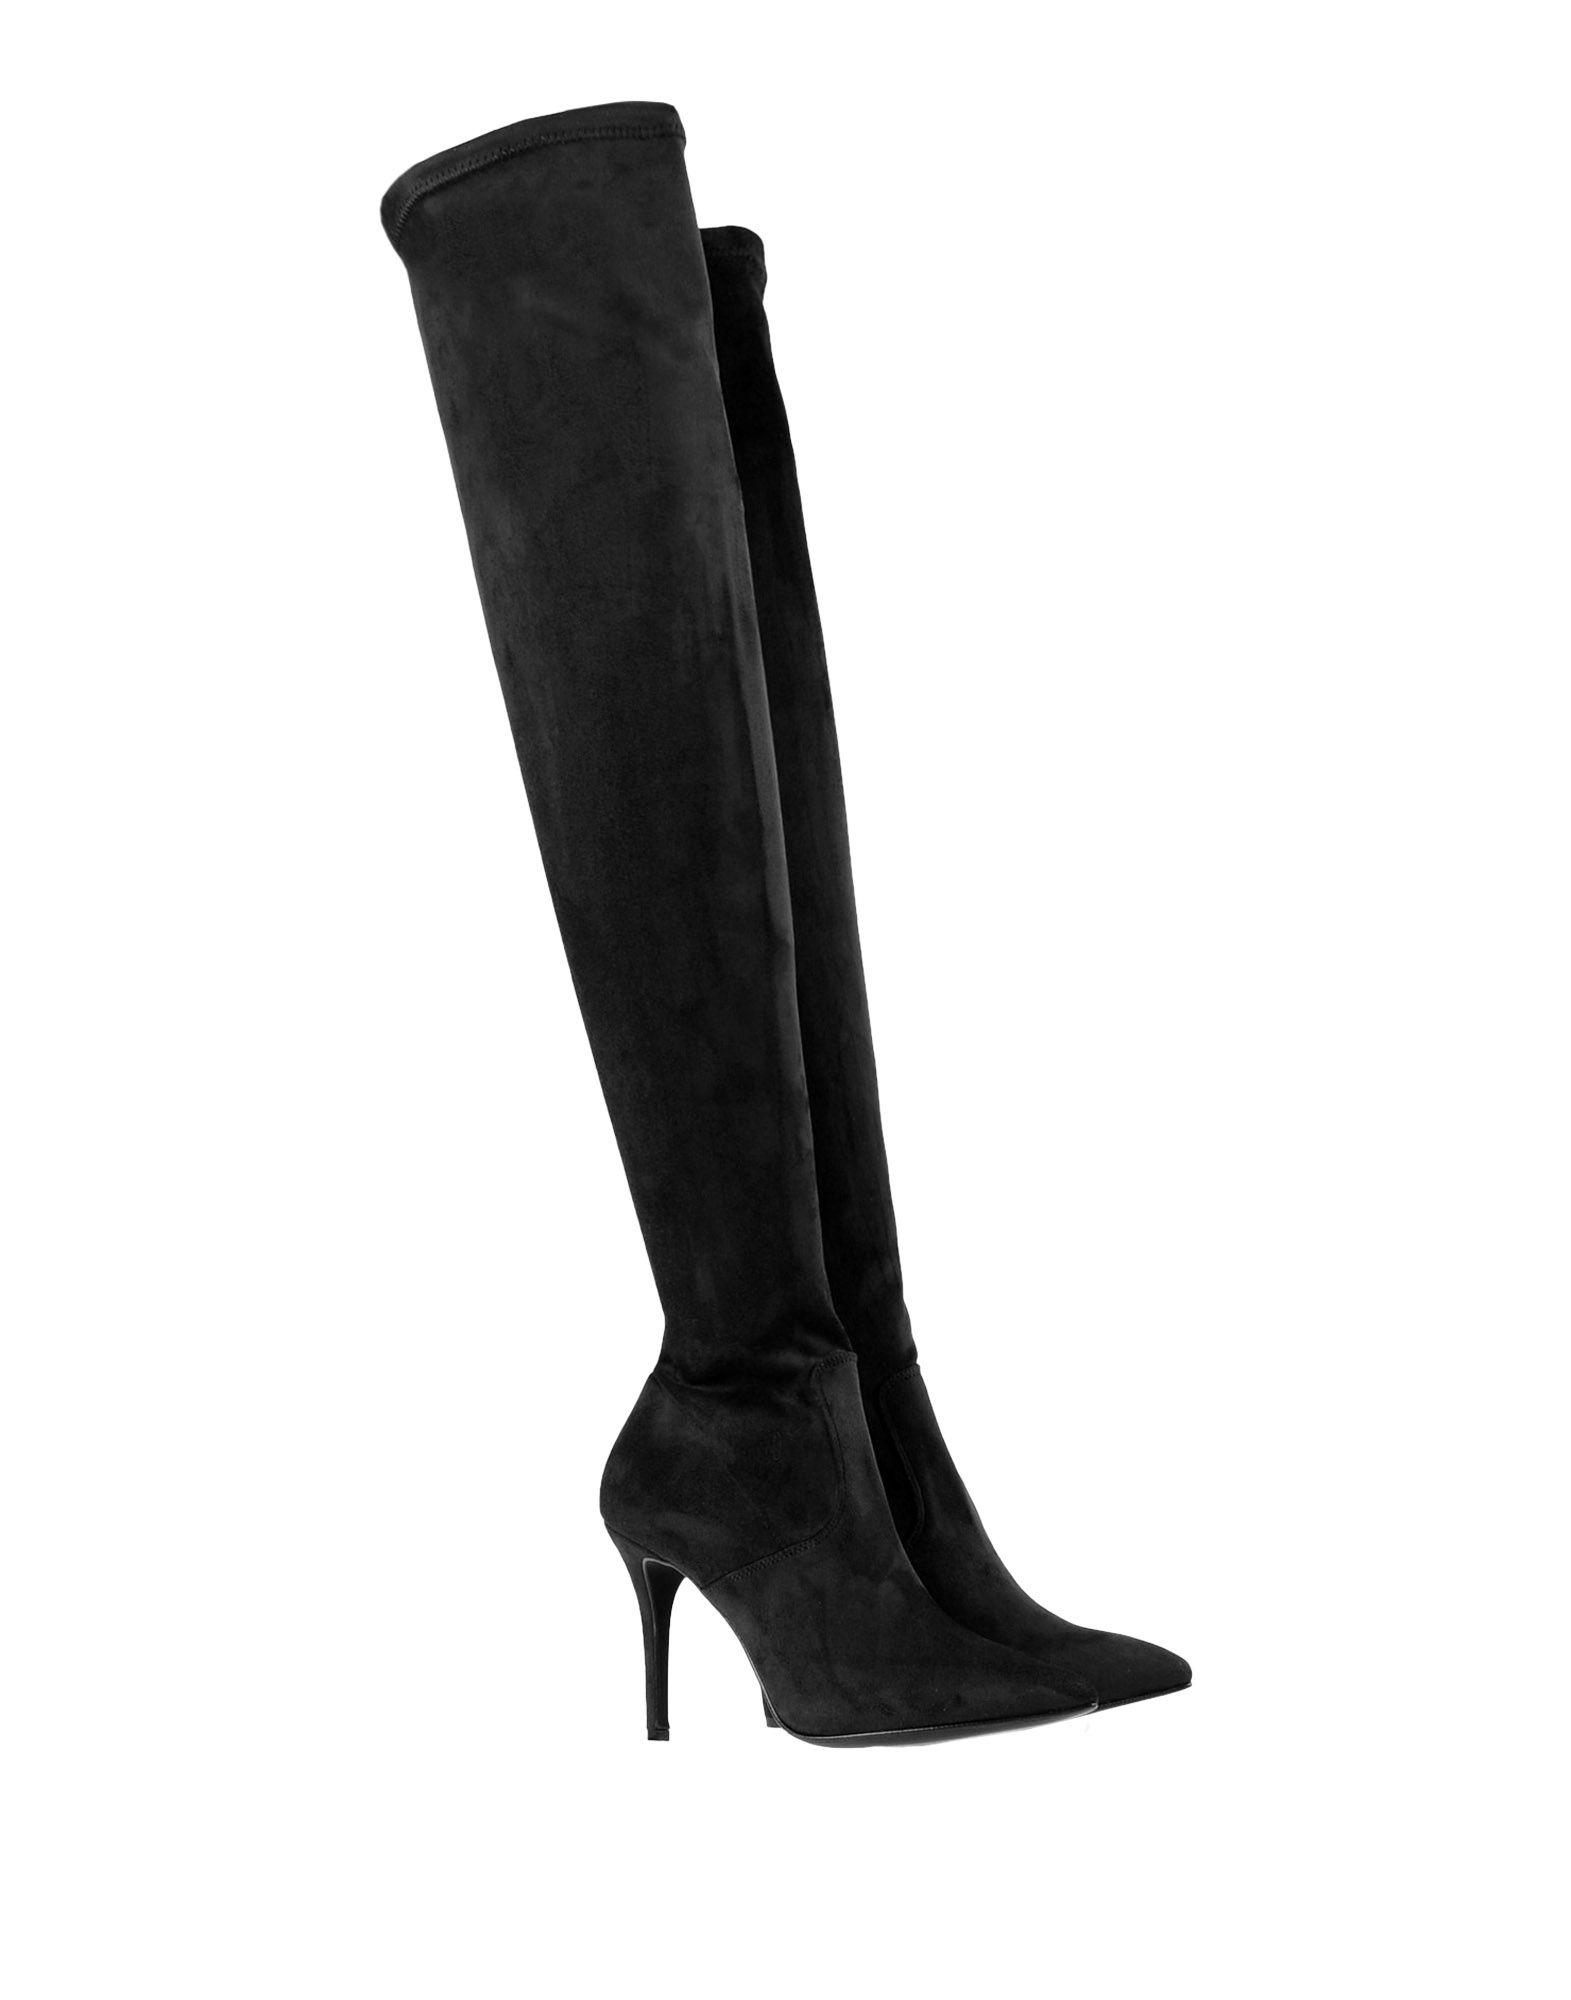 Stilvolle billige Schuhe Stiefel Jolie By Edward Spiers Stiefel Schuhe Damen  11539990RV 10520f